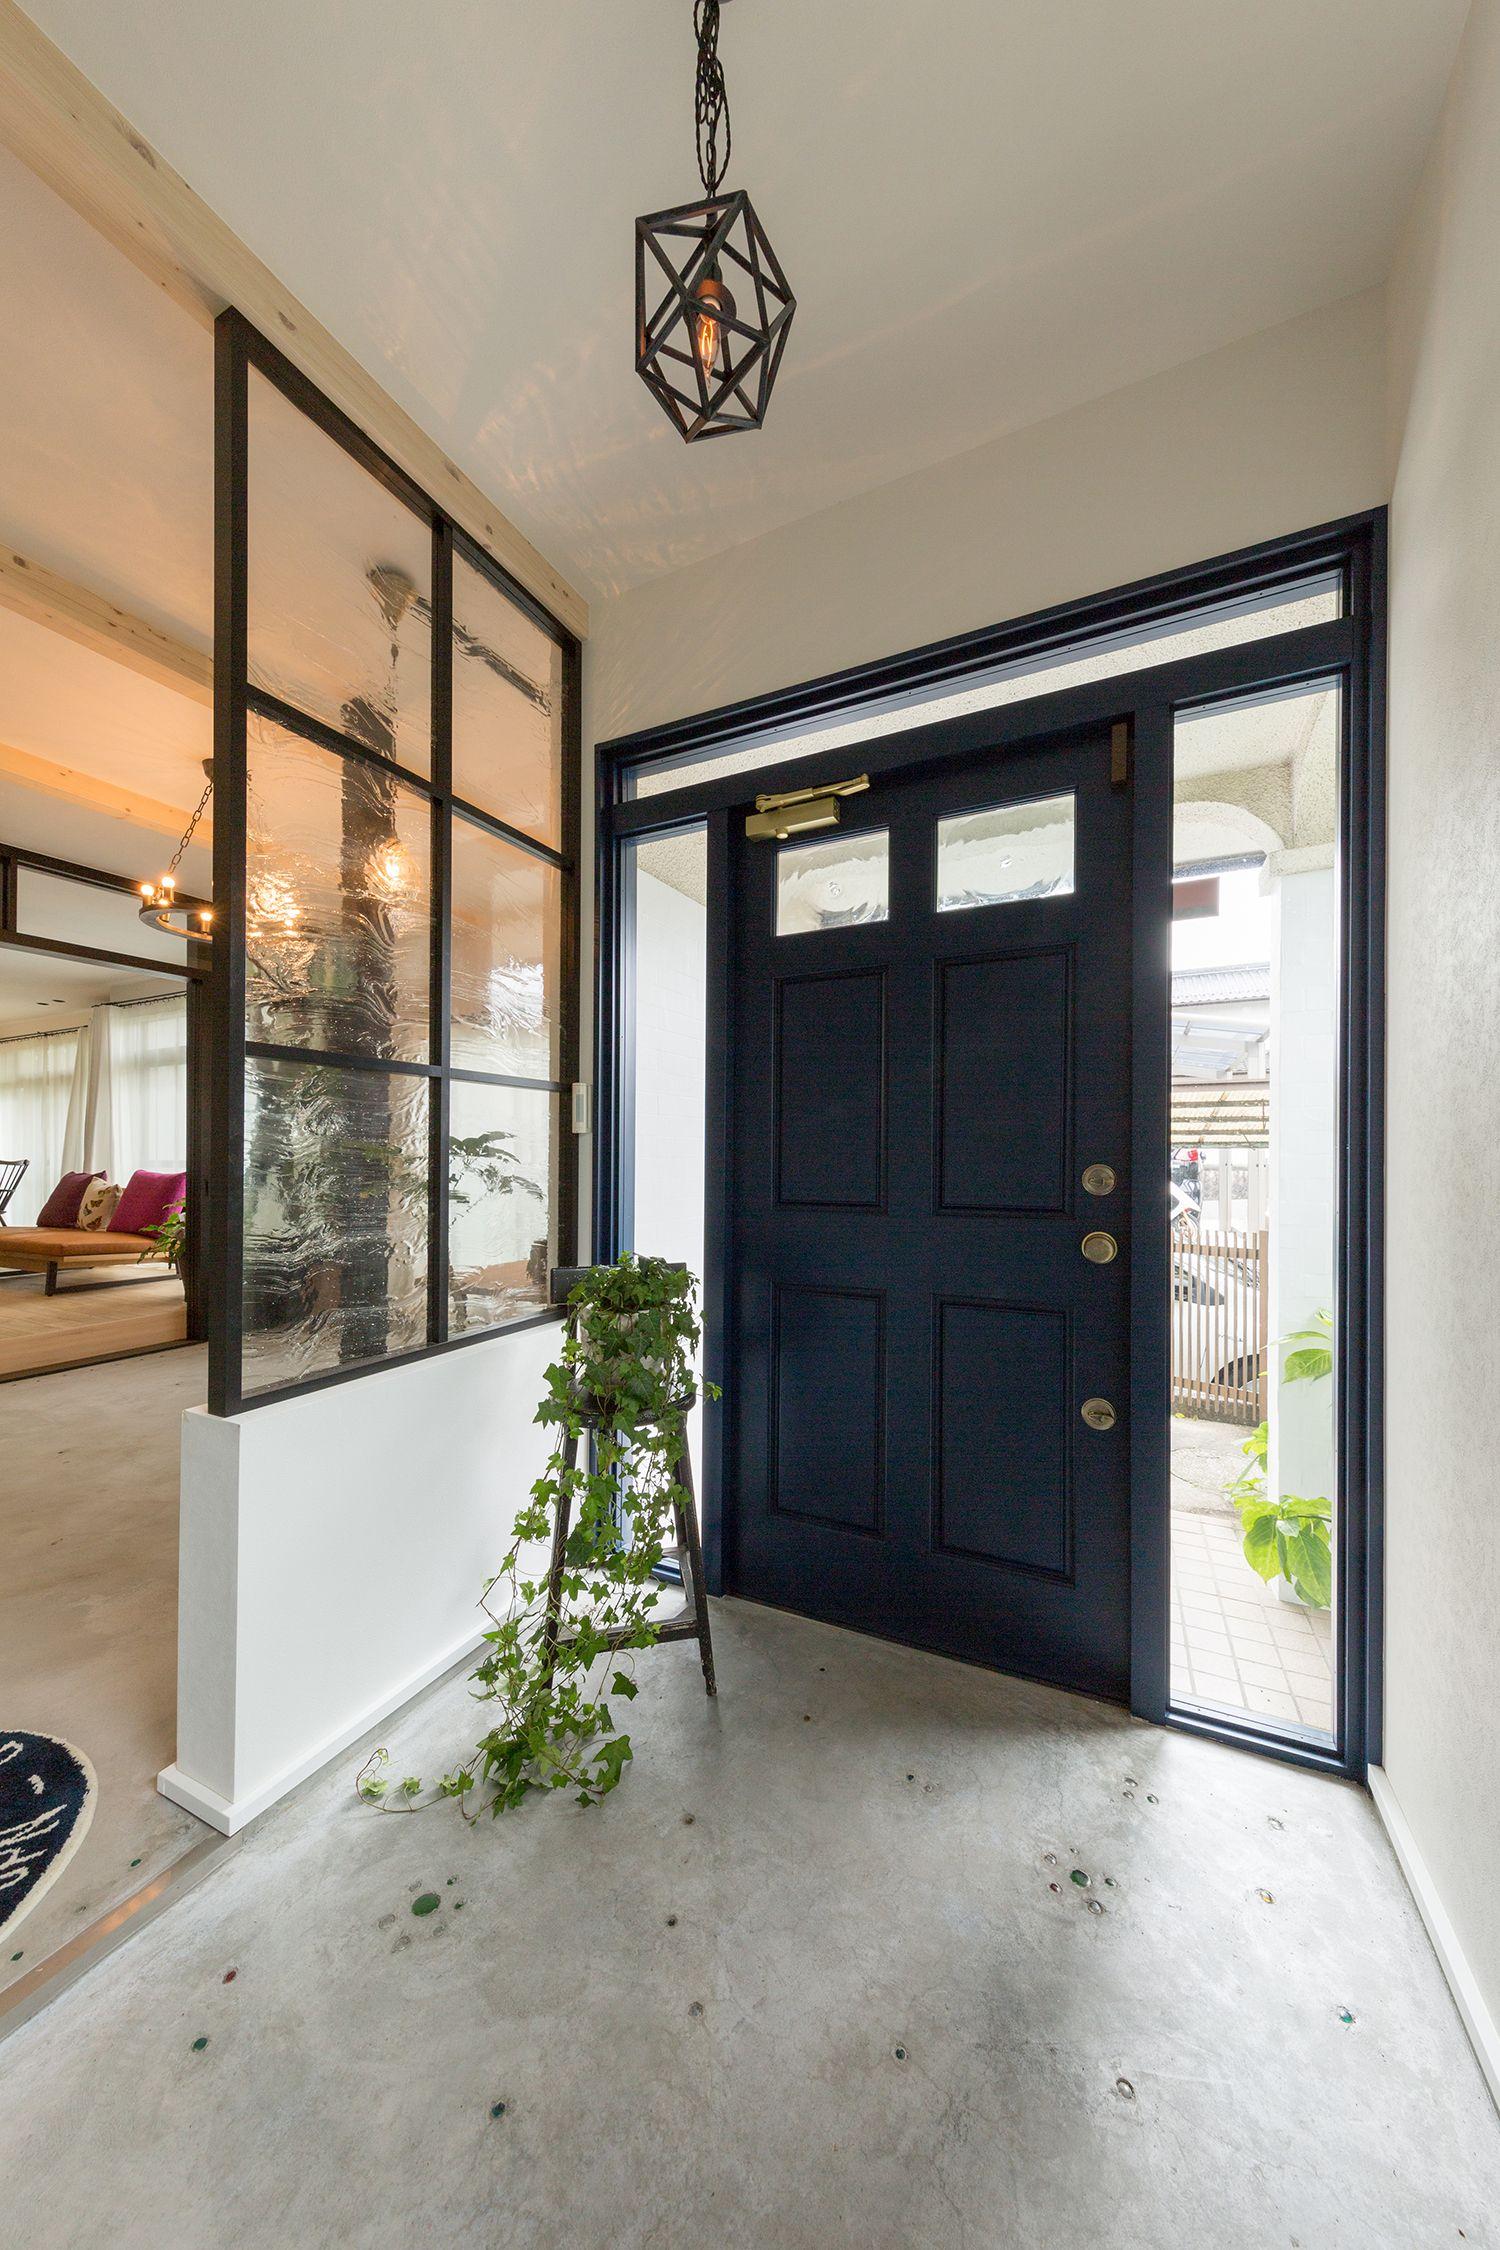 施工例一覧 広島のリノベーション 注文住宅 アクトリー ブルックリンスタイル 家 玄関ホール デザイン 古民家 リノベーション